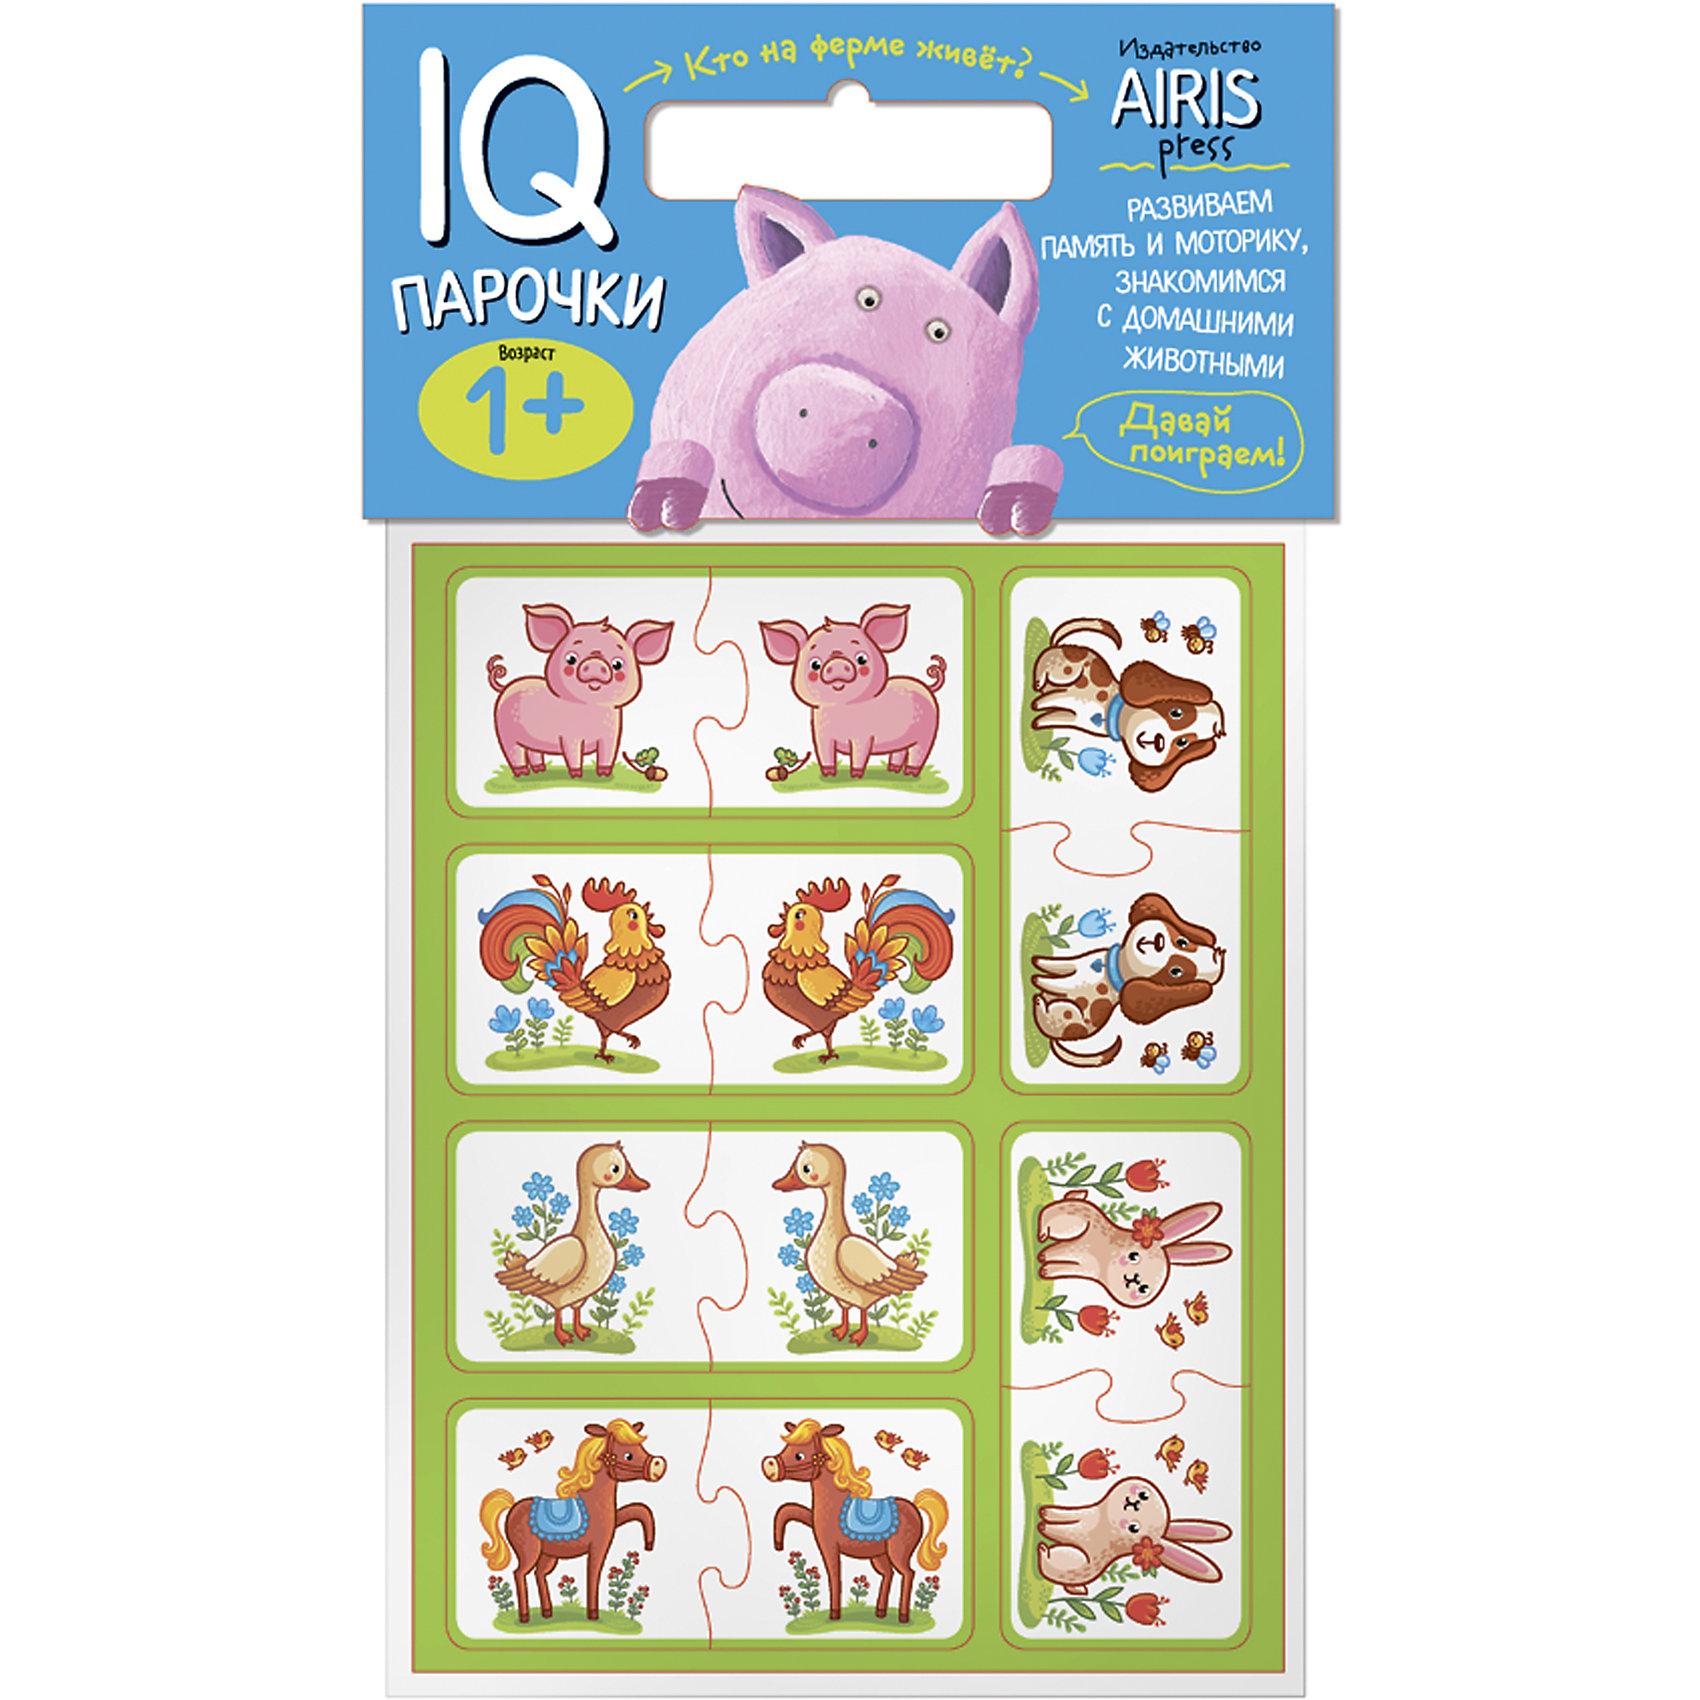 Парочки Кто на ферме живет?Книги для развития мышления<br>Характеристики товара:<br><br>• возраст: от 1 года<br>• комплектация: 24 объёмных карточек с цветным изображением животных<br>• автор: Куликова Е.Н.<br>• производитель: Айрис-пресс<br>• серия: IQ игры<br>• размер карточки: 5х5 см.<br>• материал: EVA<br>• упаковка: пакет с хедером<br>• размер упаковки: 22,5х17,5х2 см.<br>• вес: 66 гр.<br><br>Парочки «Кто на ферме живёт?» – это увлекательная настольная игра для развития воображения и моторики ребёнка, его ознакомления с домашними животными.<br><br>Набор состоит из 24 объёмных карточек с цветным изображением животных. Карточки сделаны из мягкого, прочного и безопасного материала EVA. Они удобно ложатся в детскую руку и отлично подходят для познавательных игр.<br><br>Цель игры: составить пару одинаковых животных: кролик - кролик, петух -петух и т.д. Карточки снабжены пазловыми замками для того, чтобы ребёнок мог самостоятельно оценить правильность выполнения заданий.<br><br>На упаковке набора дано описание игр с мягкими карточками.<br><br>Игру Парочки Кто на ферме живет? можно купить в нашем интернет-магазине.<br><br>Ширина мм: 20<br>Глубина мм: 175<br>Высота мм: 225<br>Вес г: 66<br>Возраст от месяцев: 12<br>Возраст до месяцев: 36<br>Пол: Унисекс<br>Возраст: Детский<br>SKU: 6849526